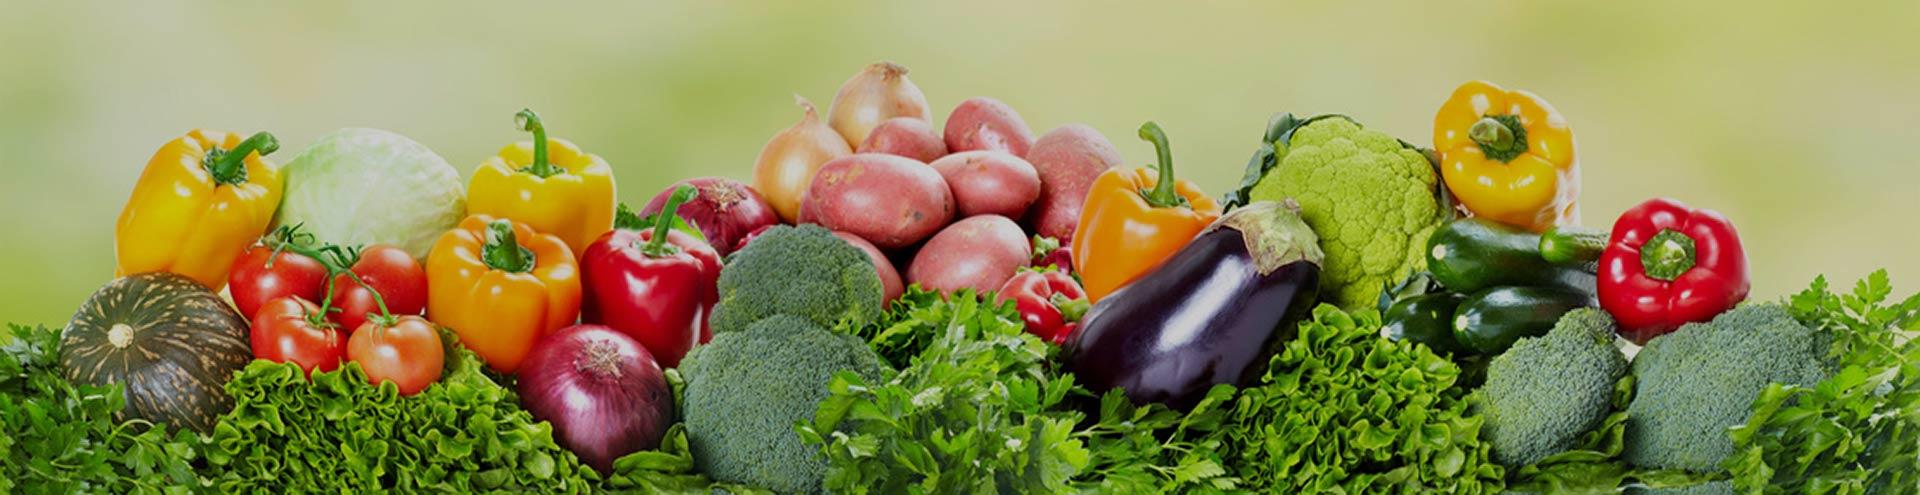 Resultado de imagen de seguridad alimentaria